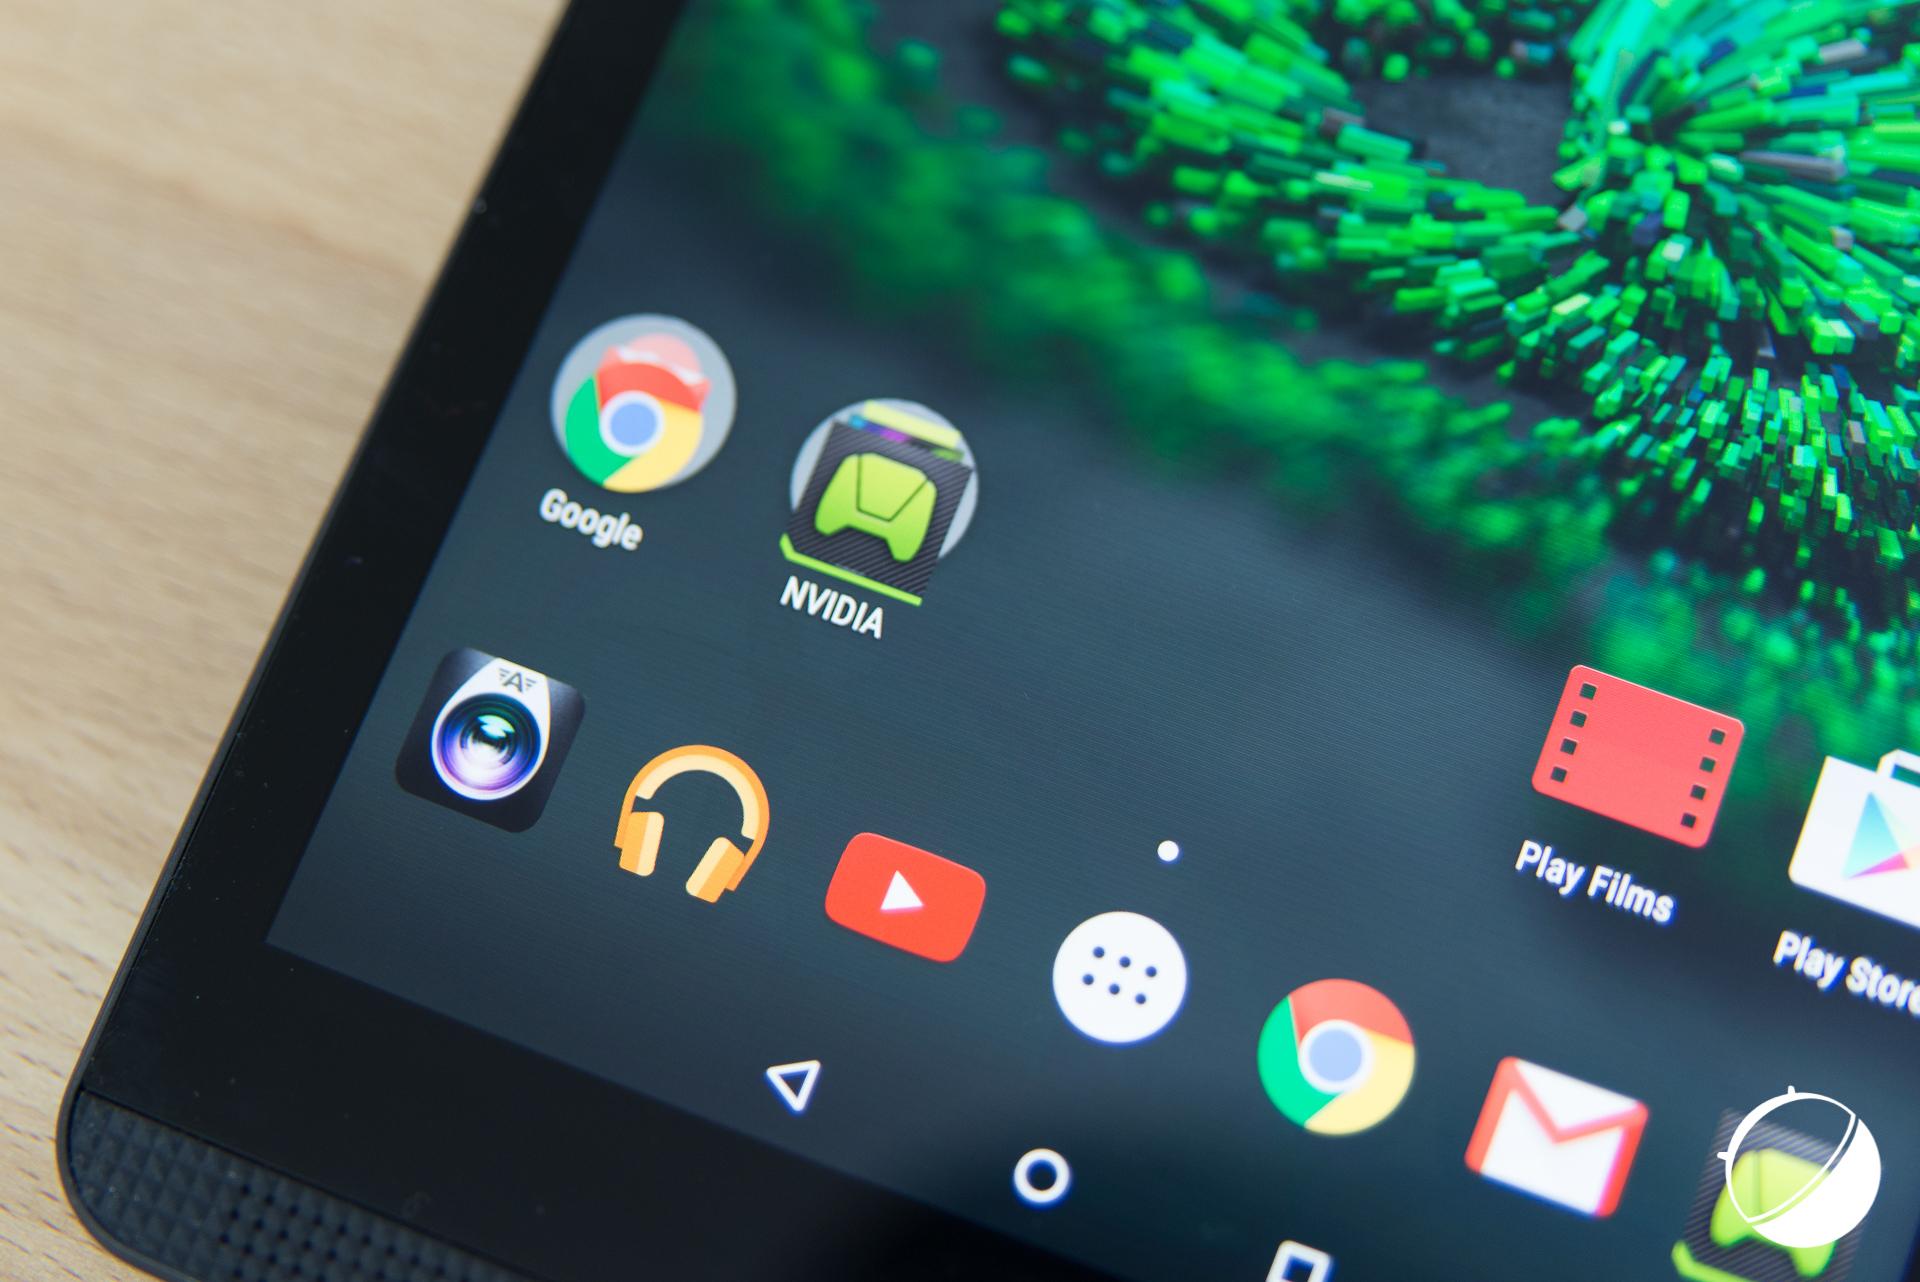 Comme promis, Nvidia déploie Android 6.0 Marshmallow sur la Shield Tablet K1